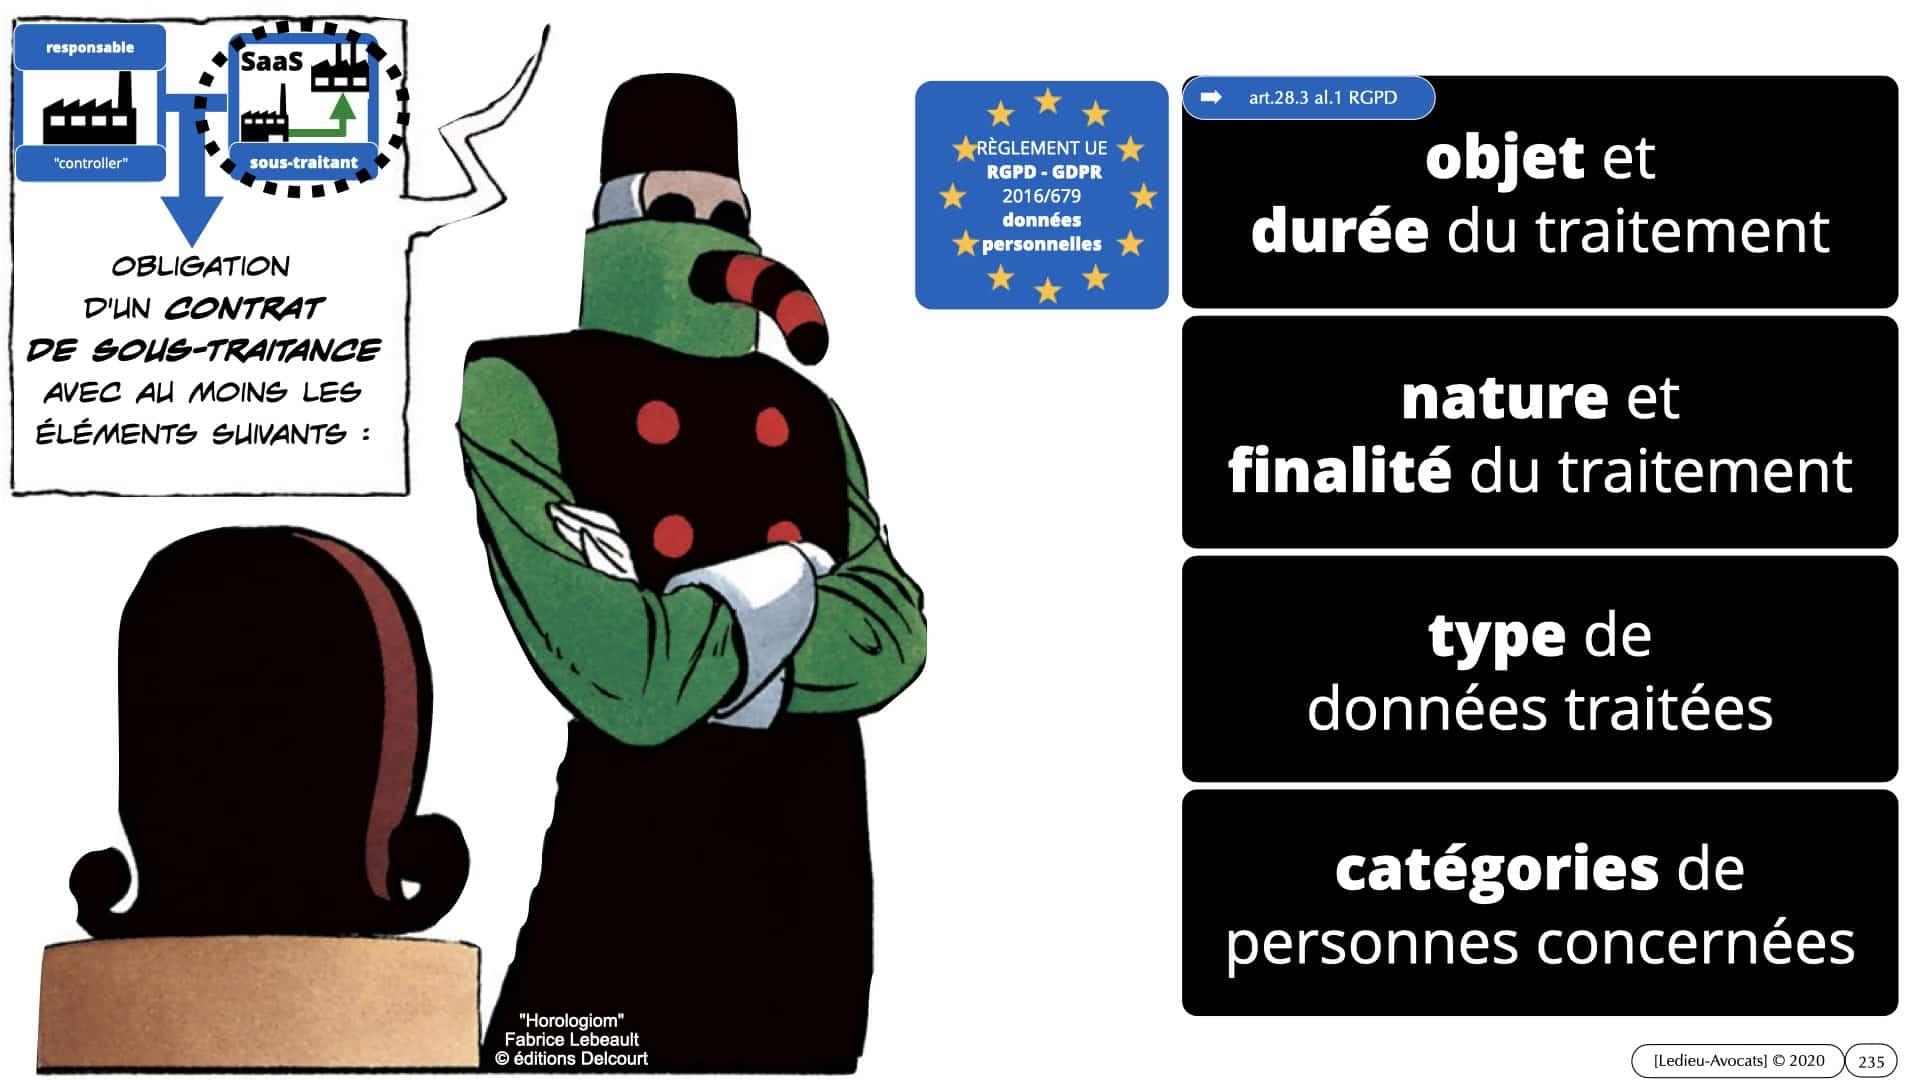 RGPD e-Privacy données personnelles jurisprudence formation Lamy Les Echos 10-02-2021 ©Ledieu-Avocats.235